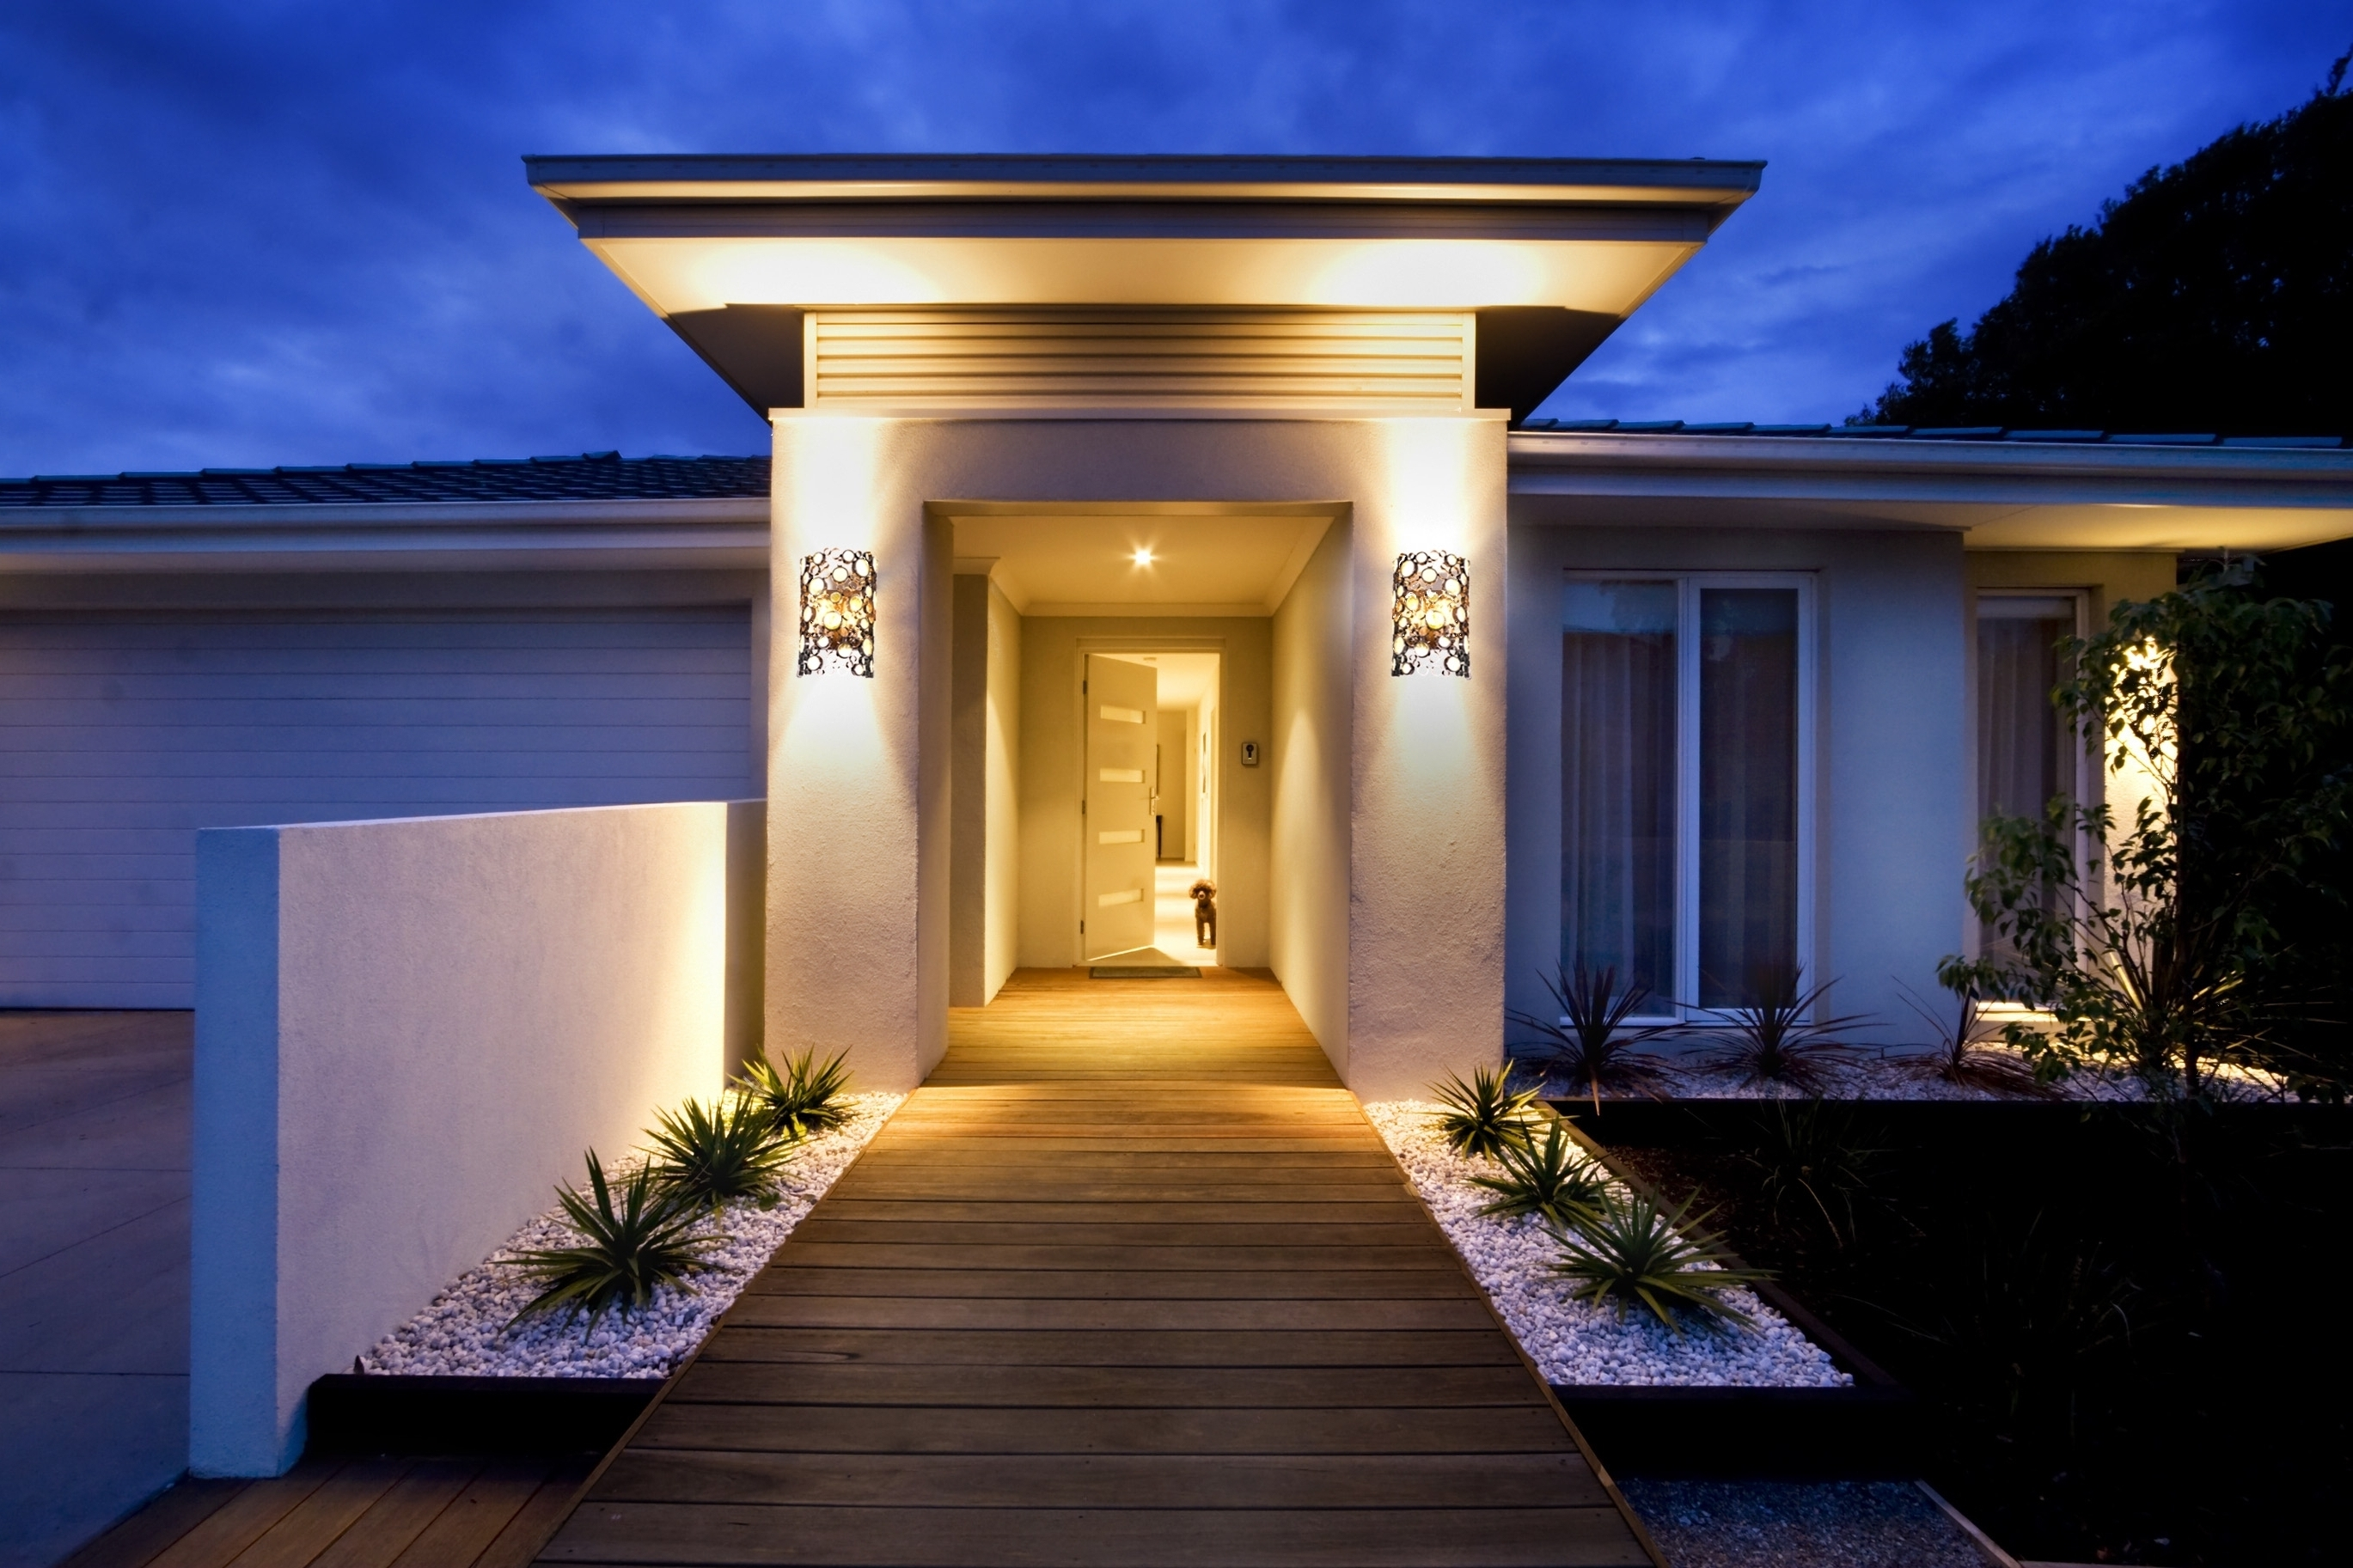 Modern Outdoor Lighting Fixture Design Ideas Youtube Bedroom Within Trendy Modern Outdoor Lighting (View 6 of 20)